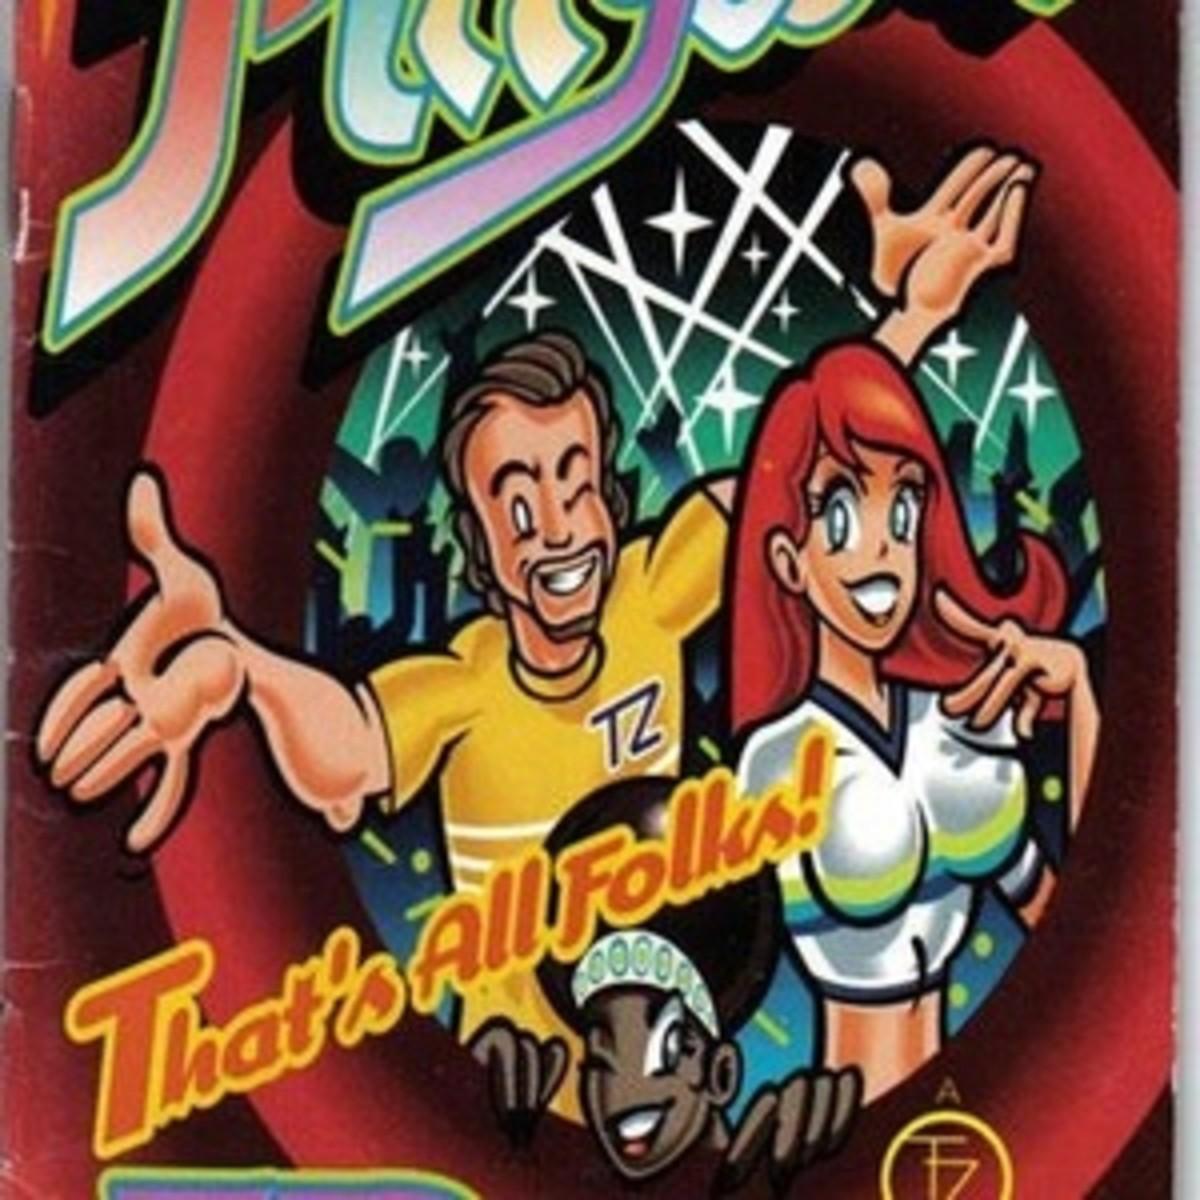 Playskool Flyer - Circa 1990s